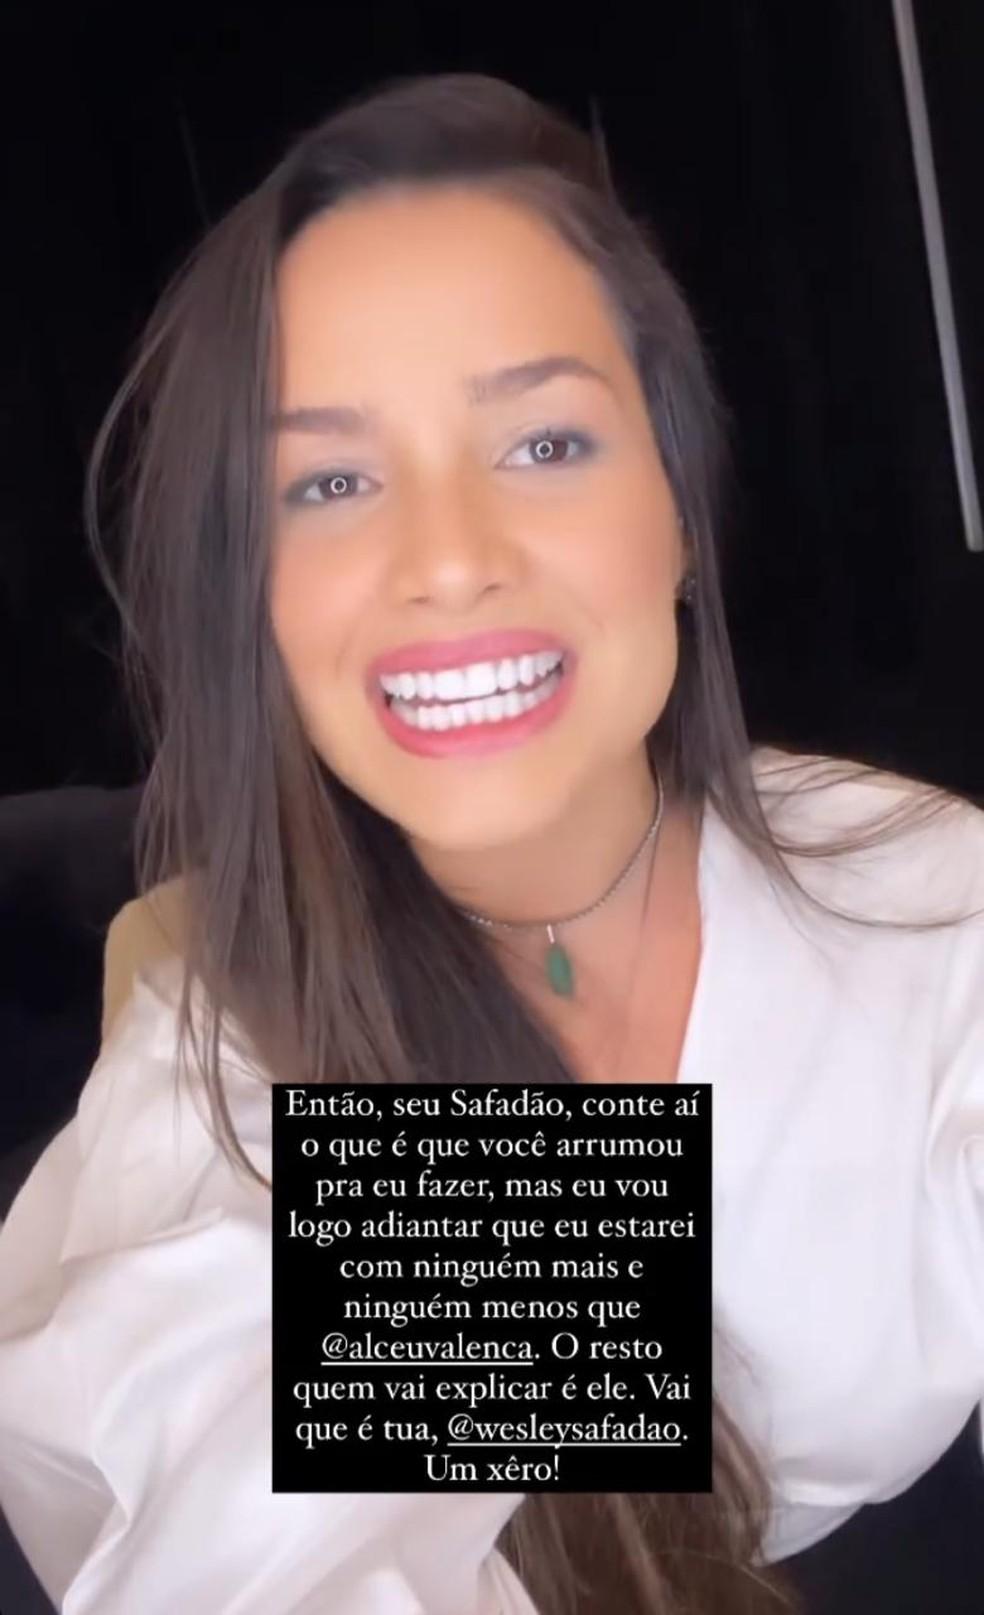 Juliette confirma presença em live de Wesley Safadão, com Alceu Valença  — Foto: Reprodução/Instagram